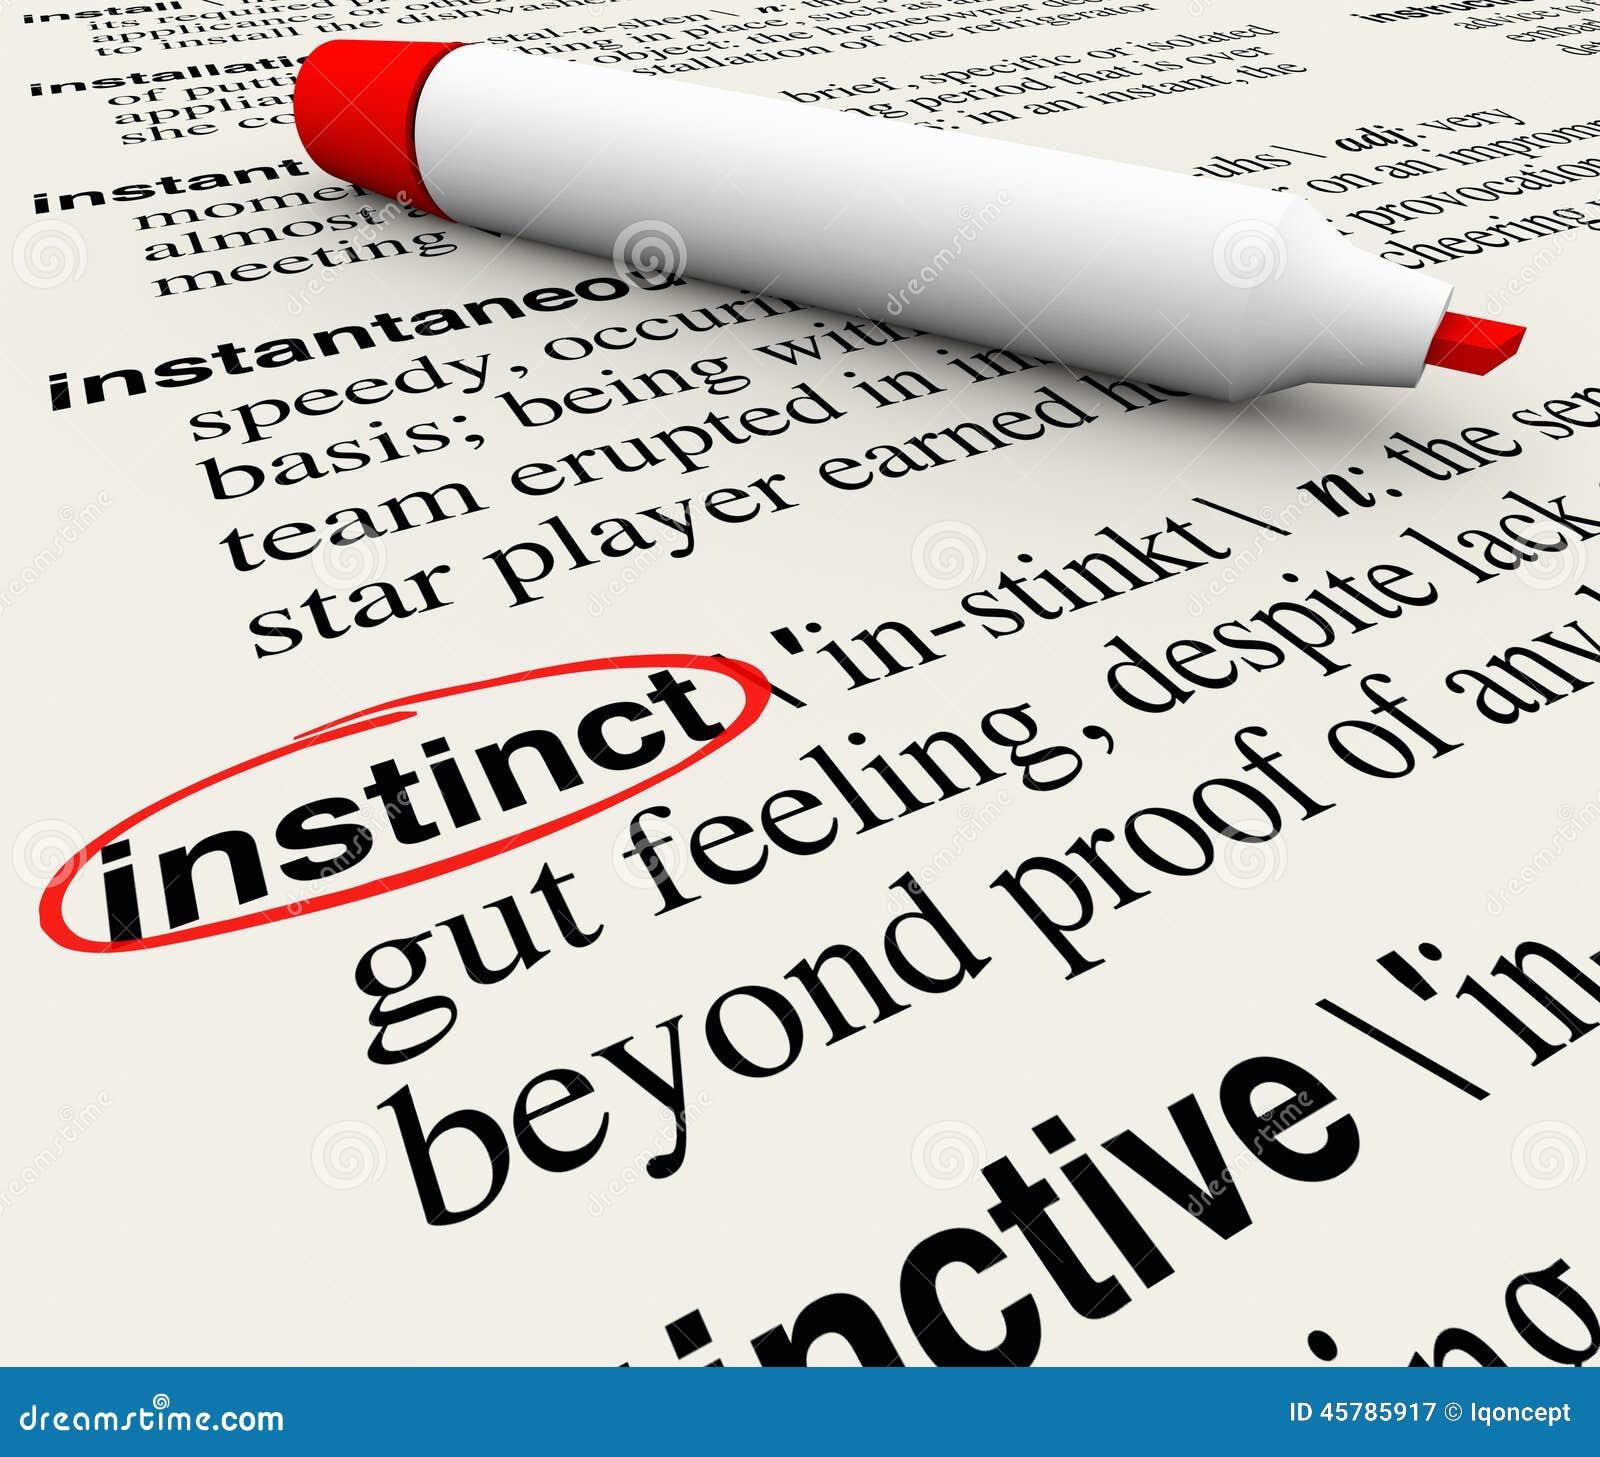 Define Gut Feeling